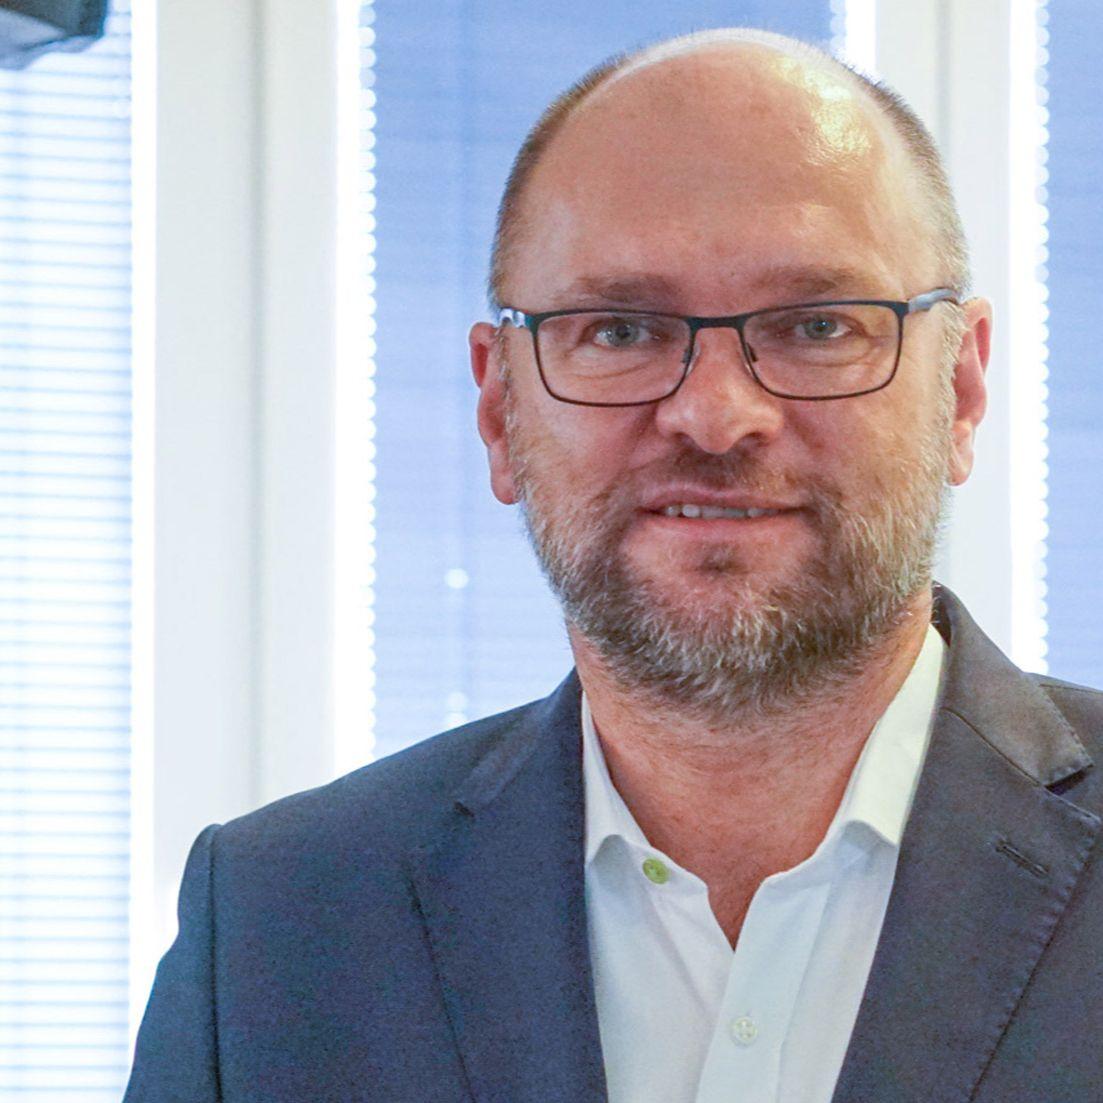 Richard Sulík - Odmietam kritiku premiéra ohľadom nákupu testov